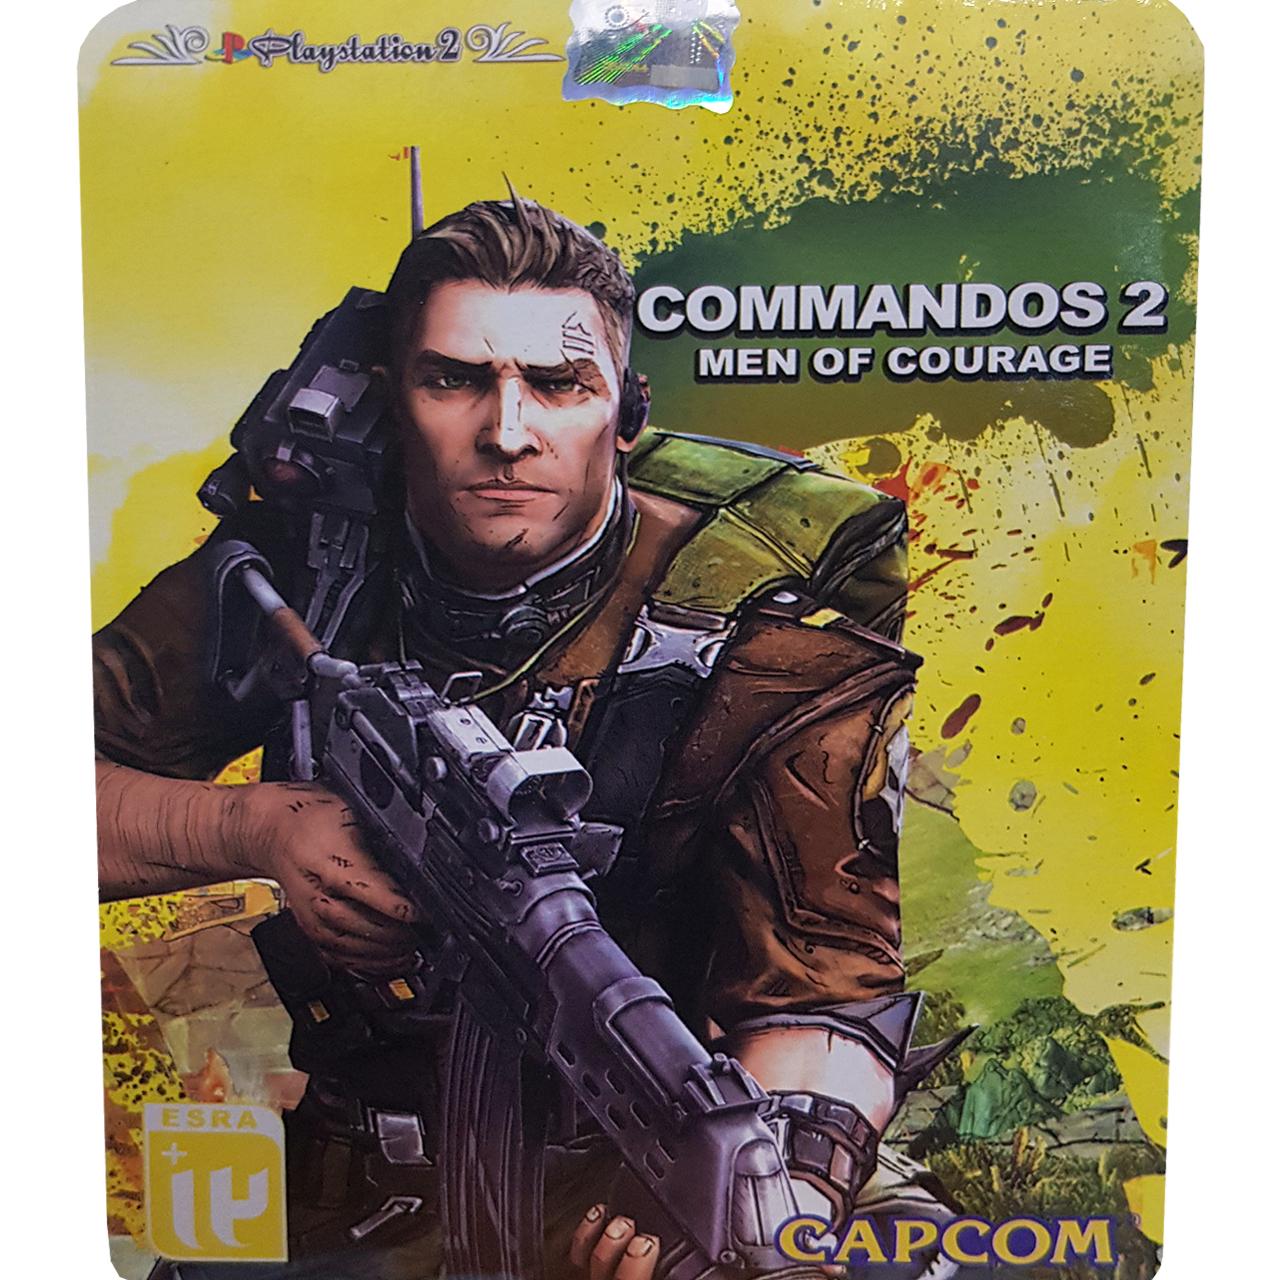 بازی Commandos 2 Men of Courage مخصوص PS2 نشر لوح زرین